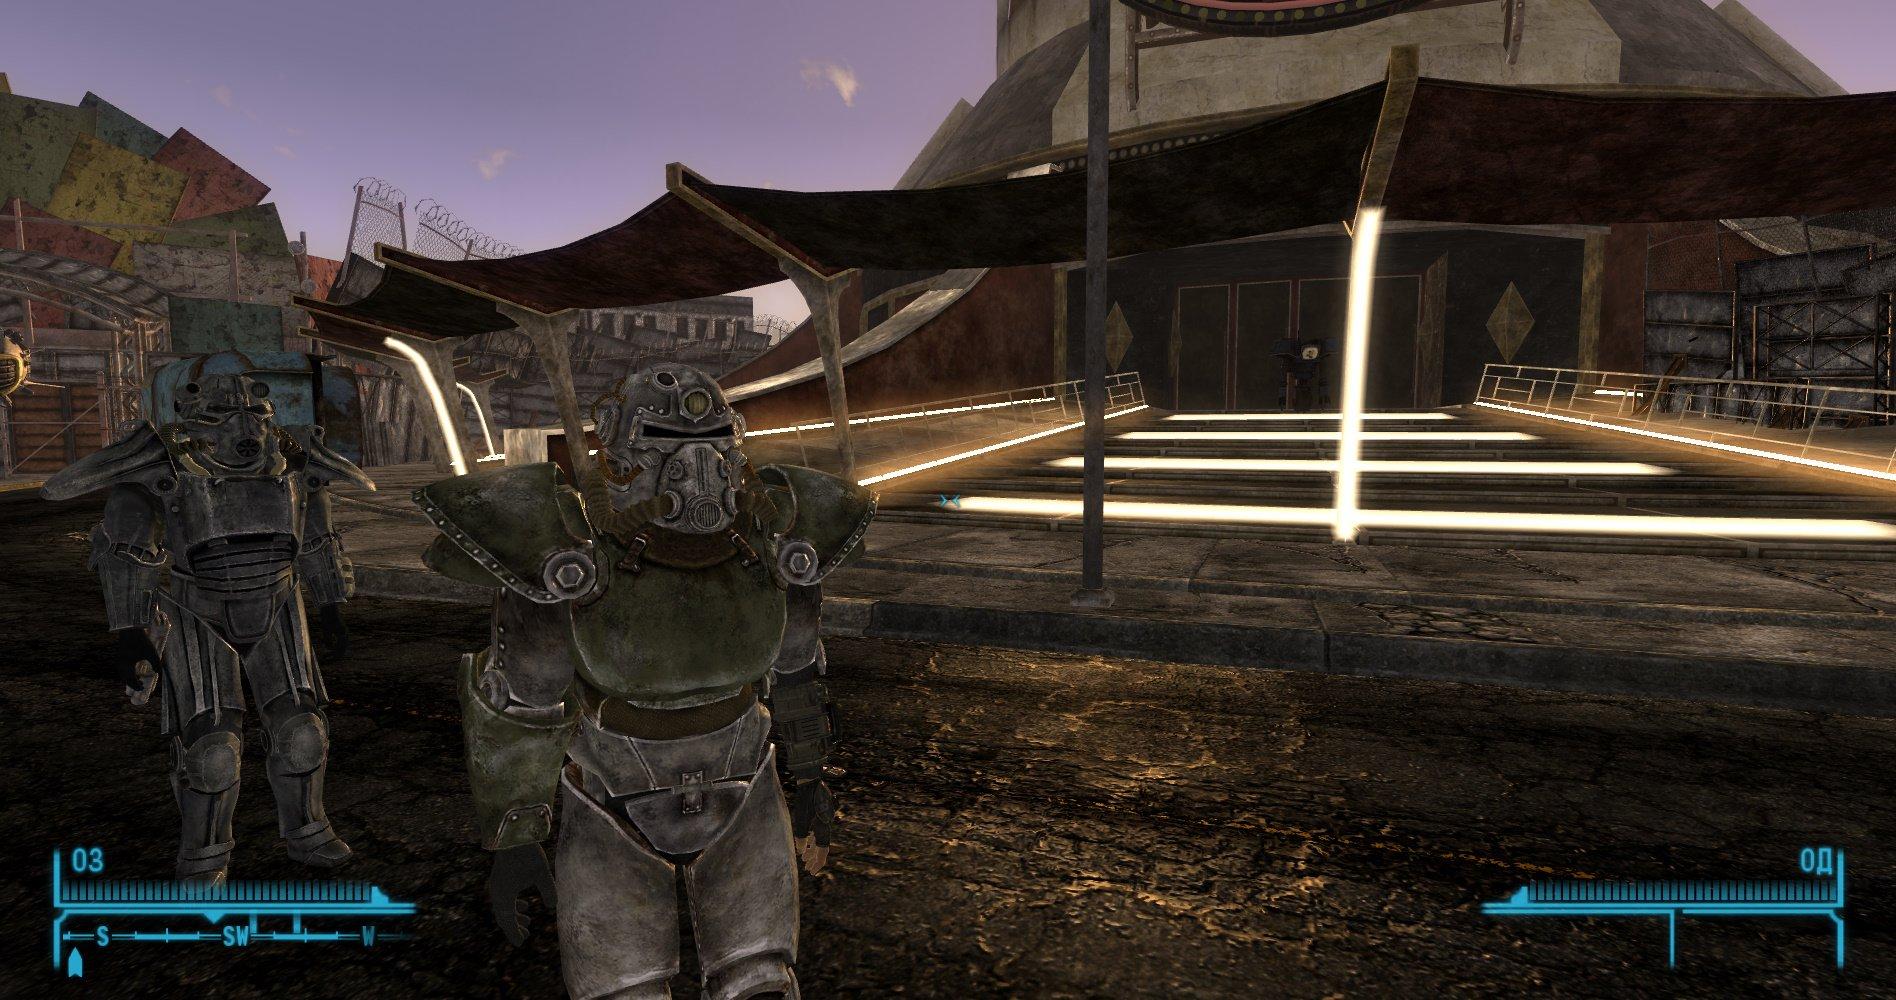 Сравнительный анализ (на самом деле нет) Fallout New Vegas vs. Fallout 4 (часть 1) - Изображение 16